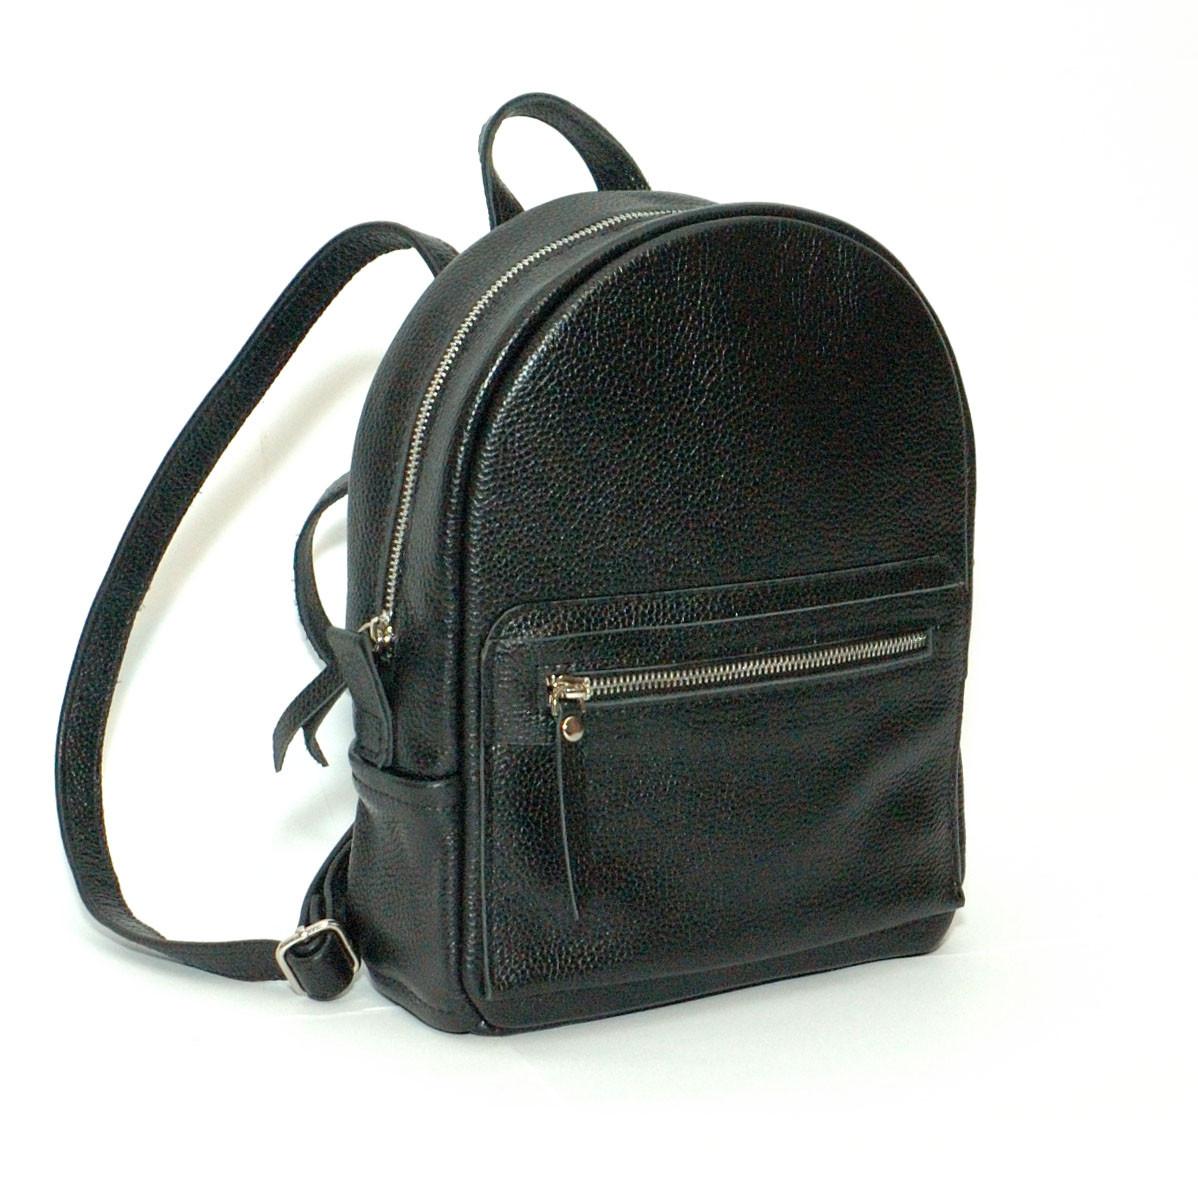 69549d256cc0 Женский кожаный рюкзак черный флотар - Интернет-магазин